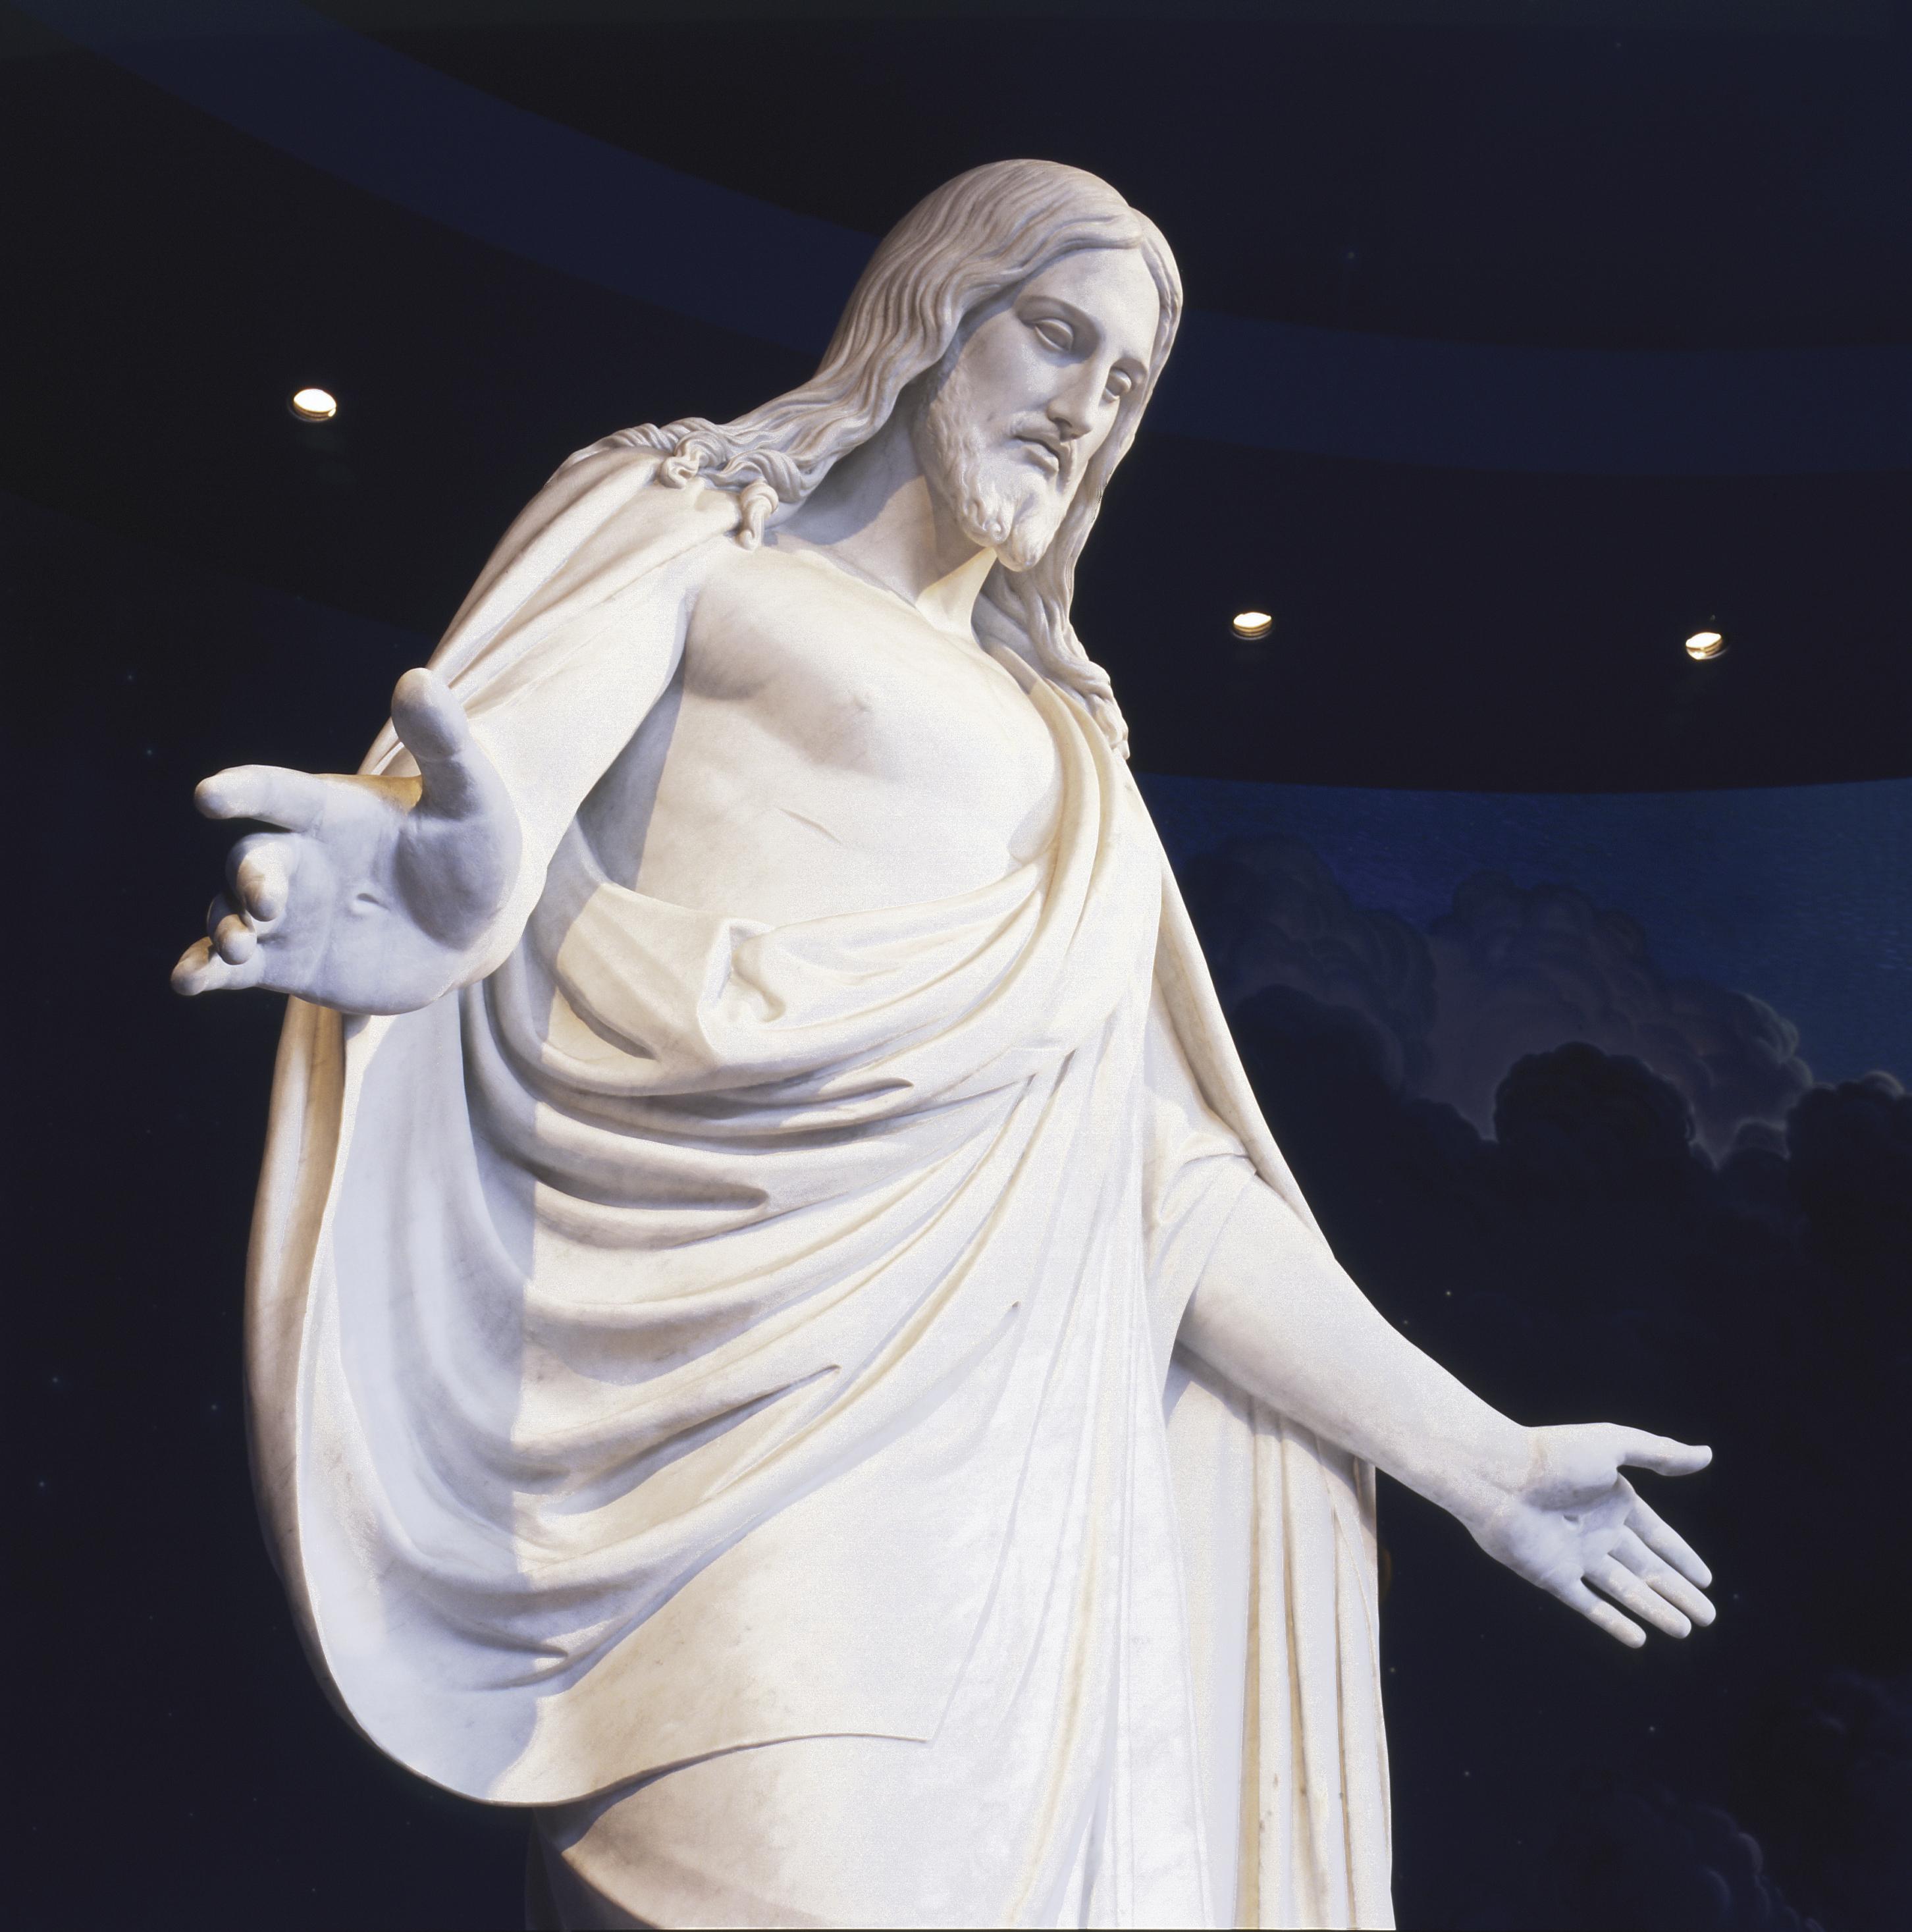 A replica of Bertel Thorvaldsen's Christus statue in the Salt Lake North Visitors' Center.